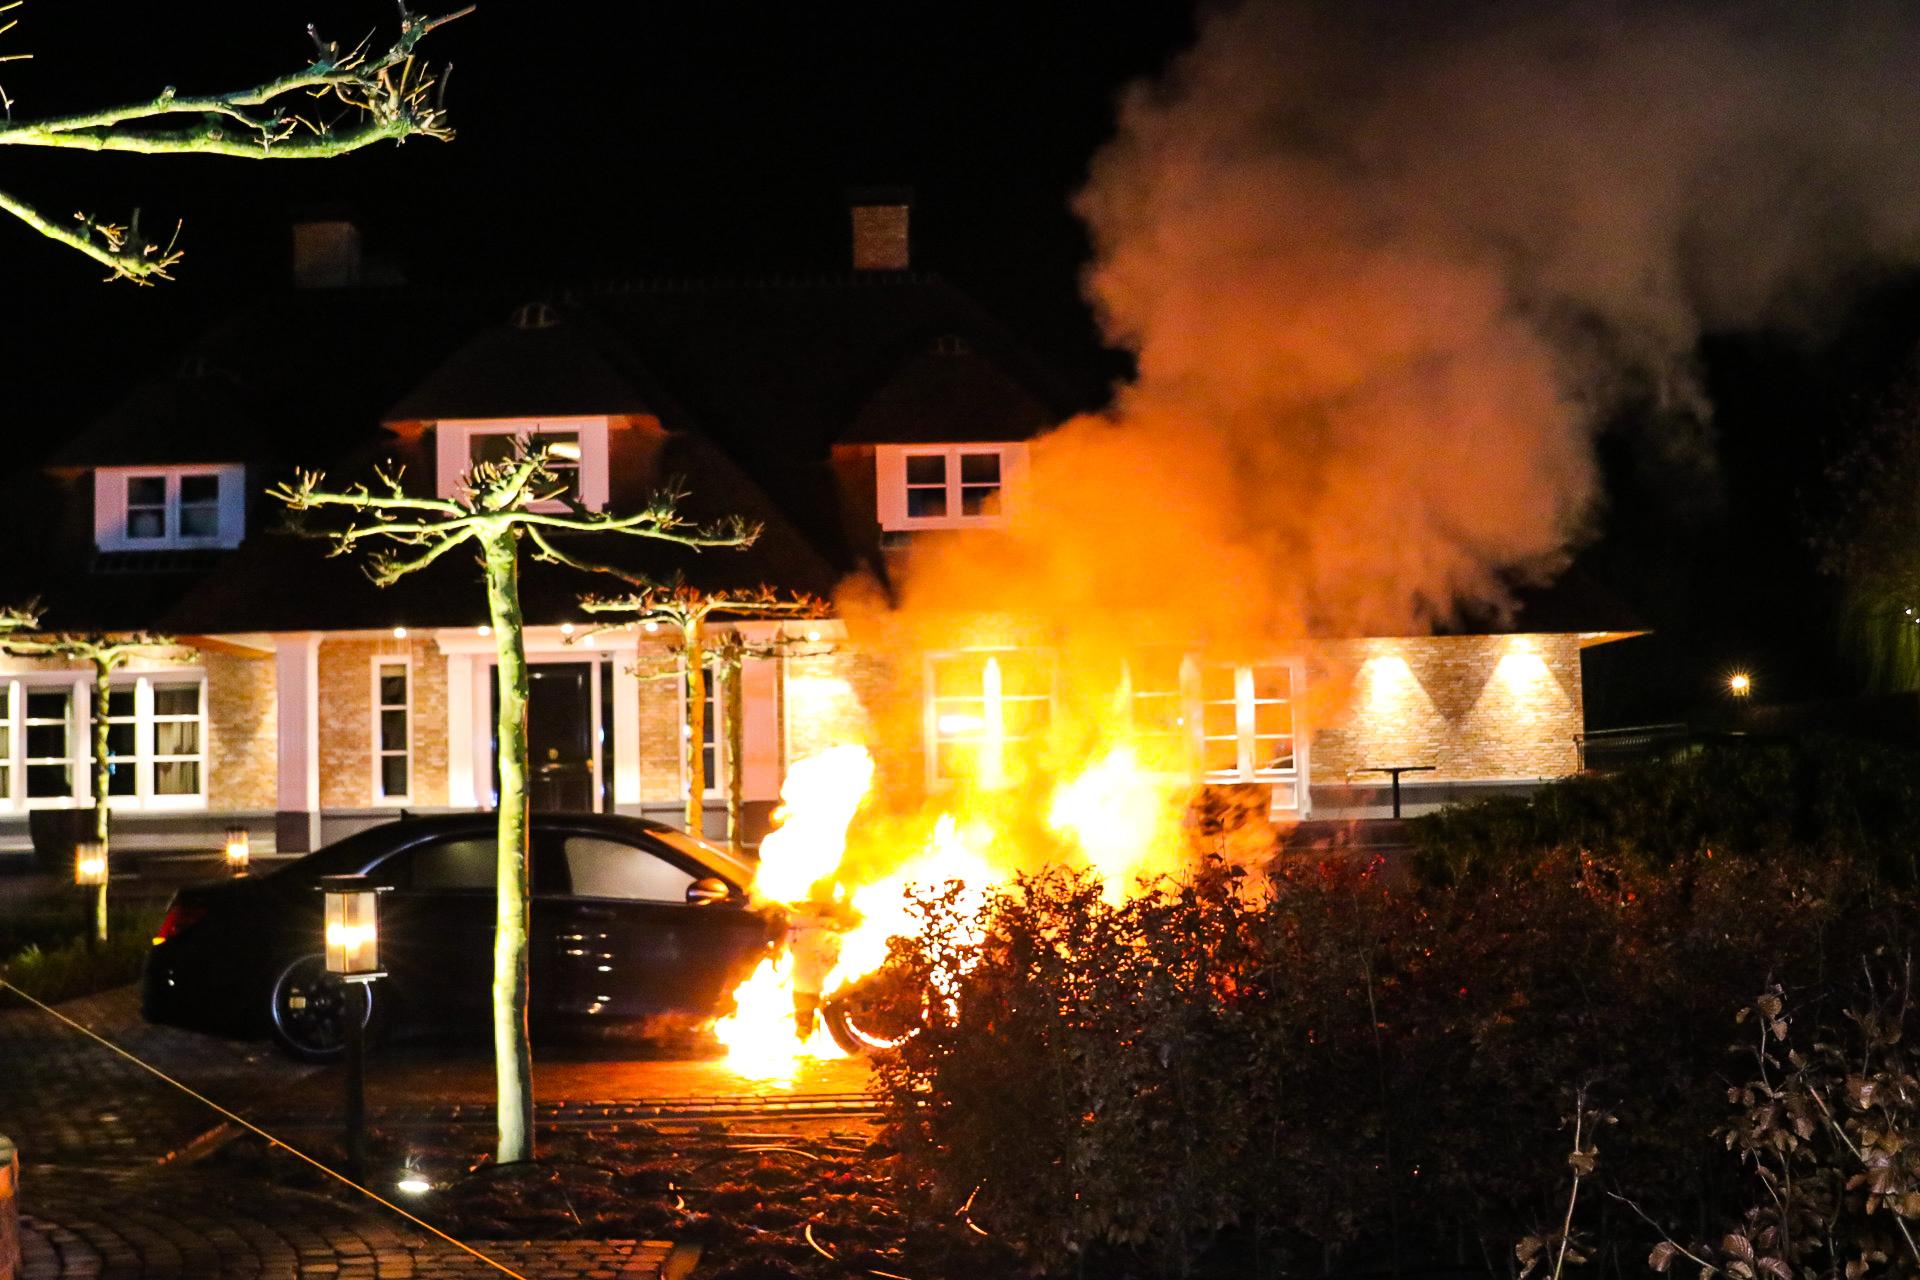 Twee auto's gaan in vlammen op; Politie sluit brandstichting niet uit